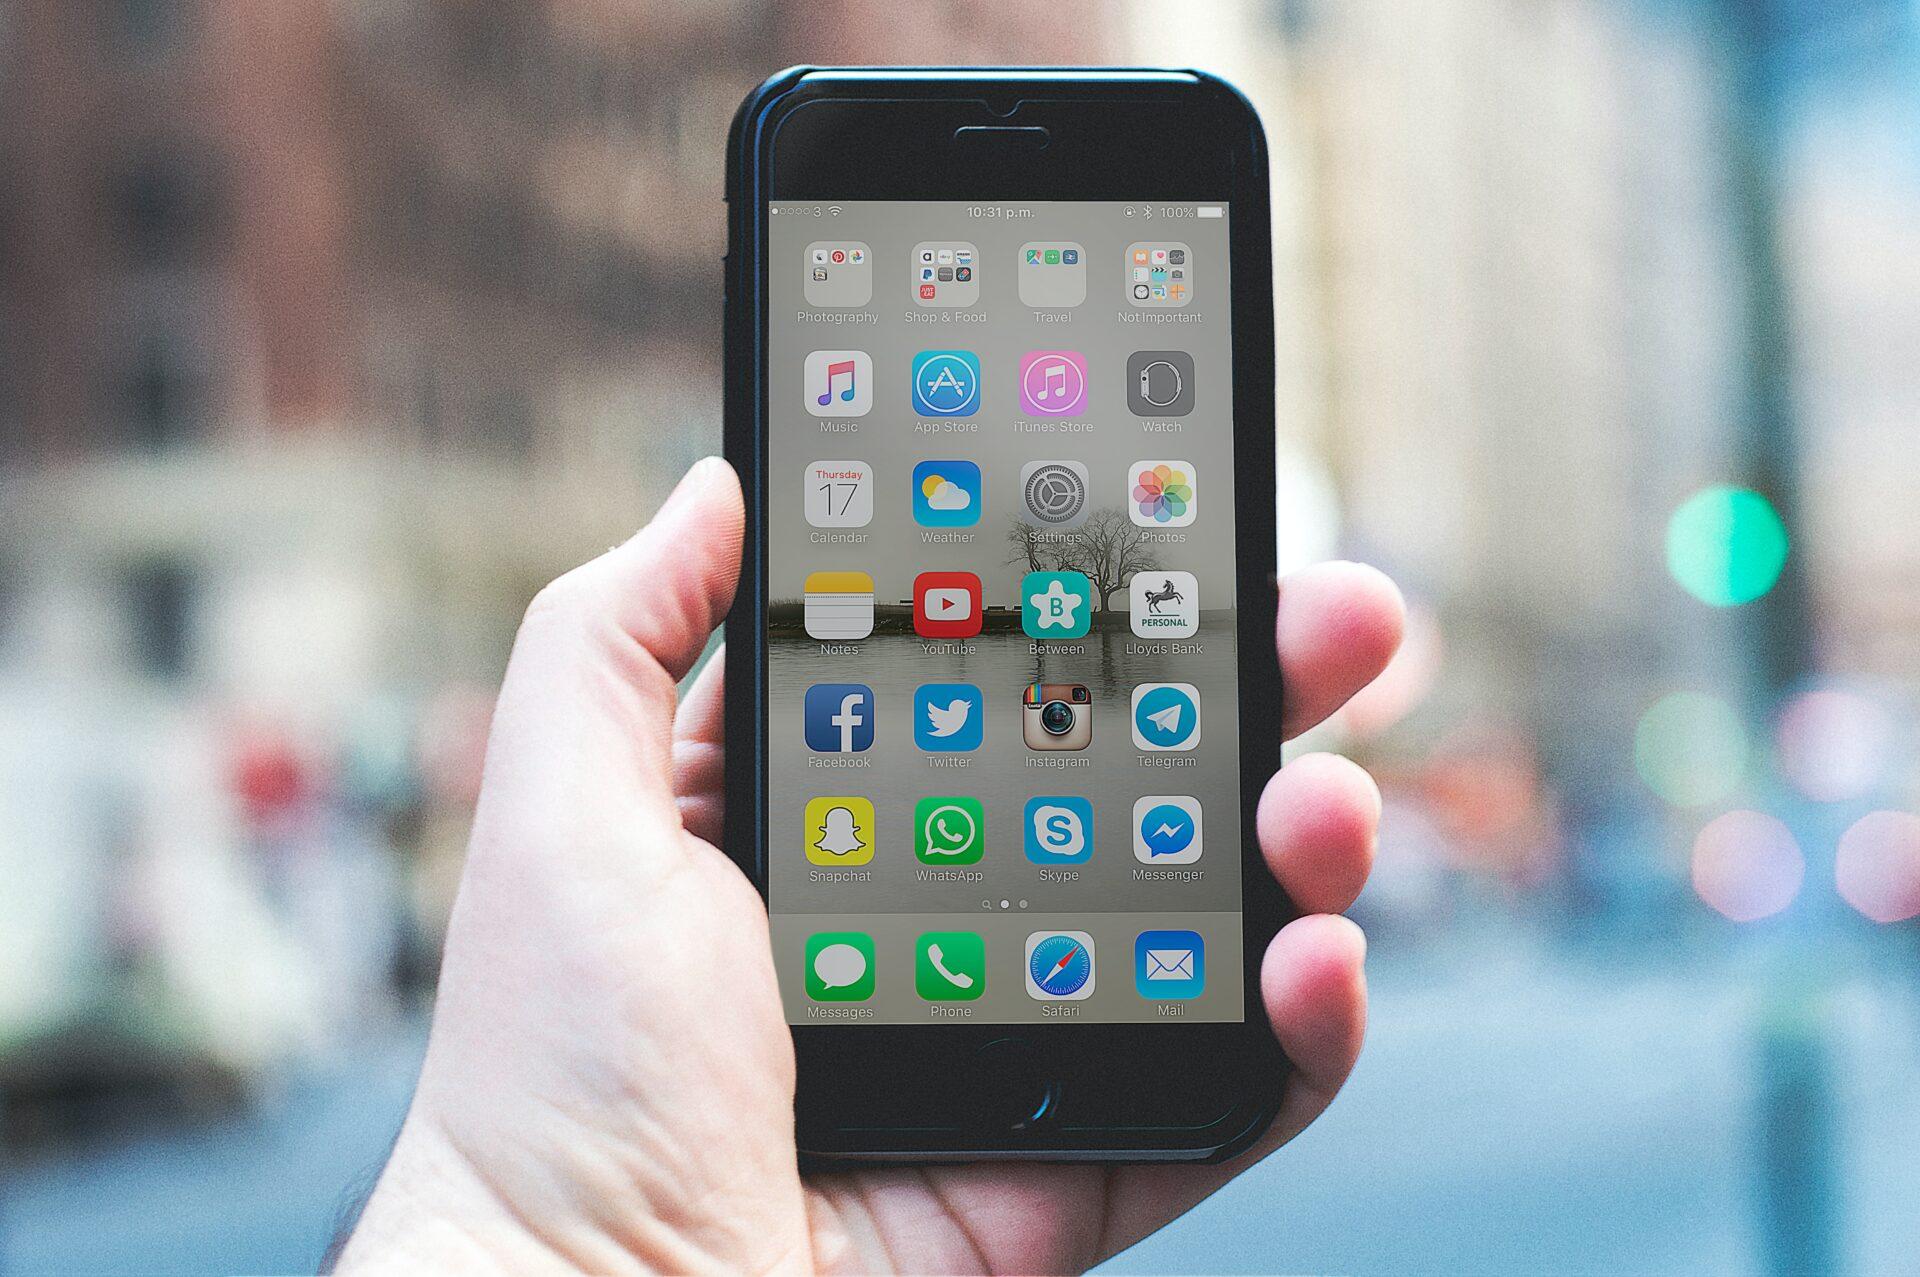 クロネコヤマトの公式アプリとは?アプリの使い方とサービス内容について!